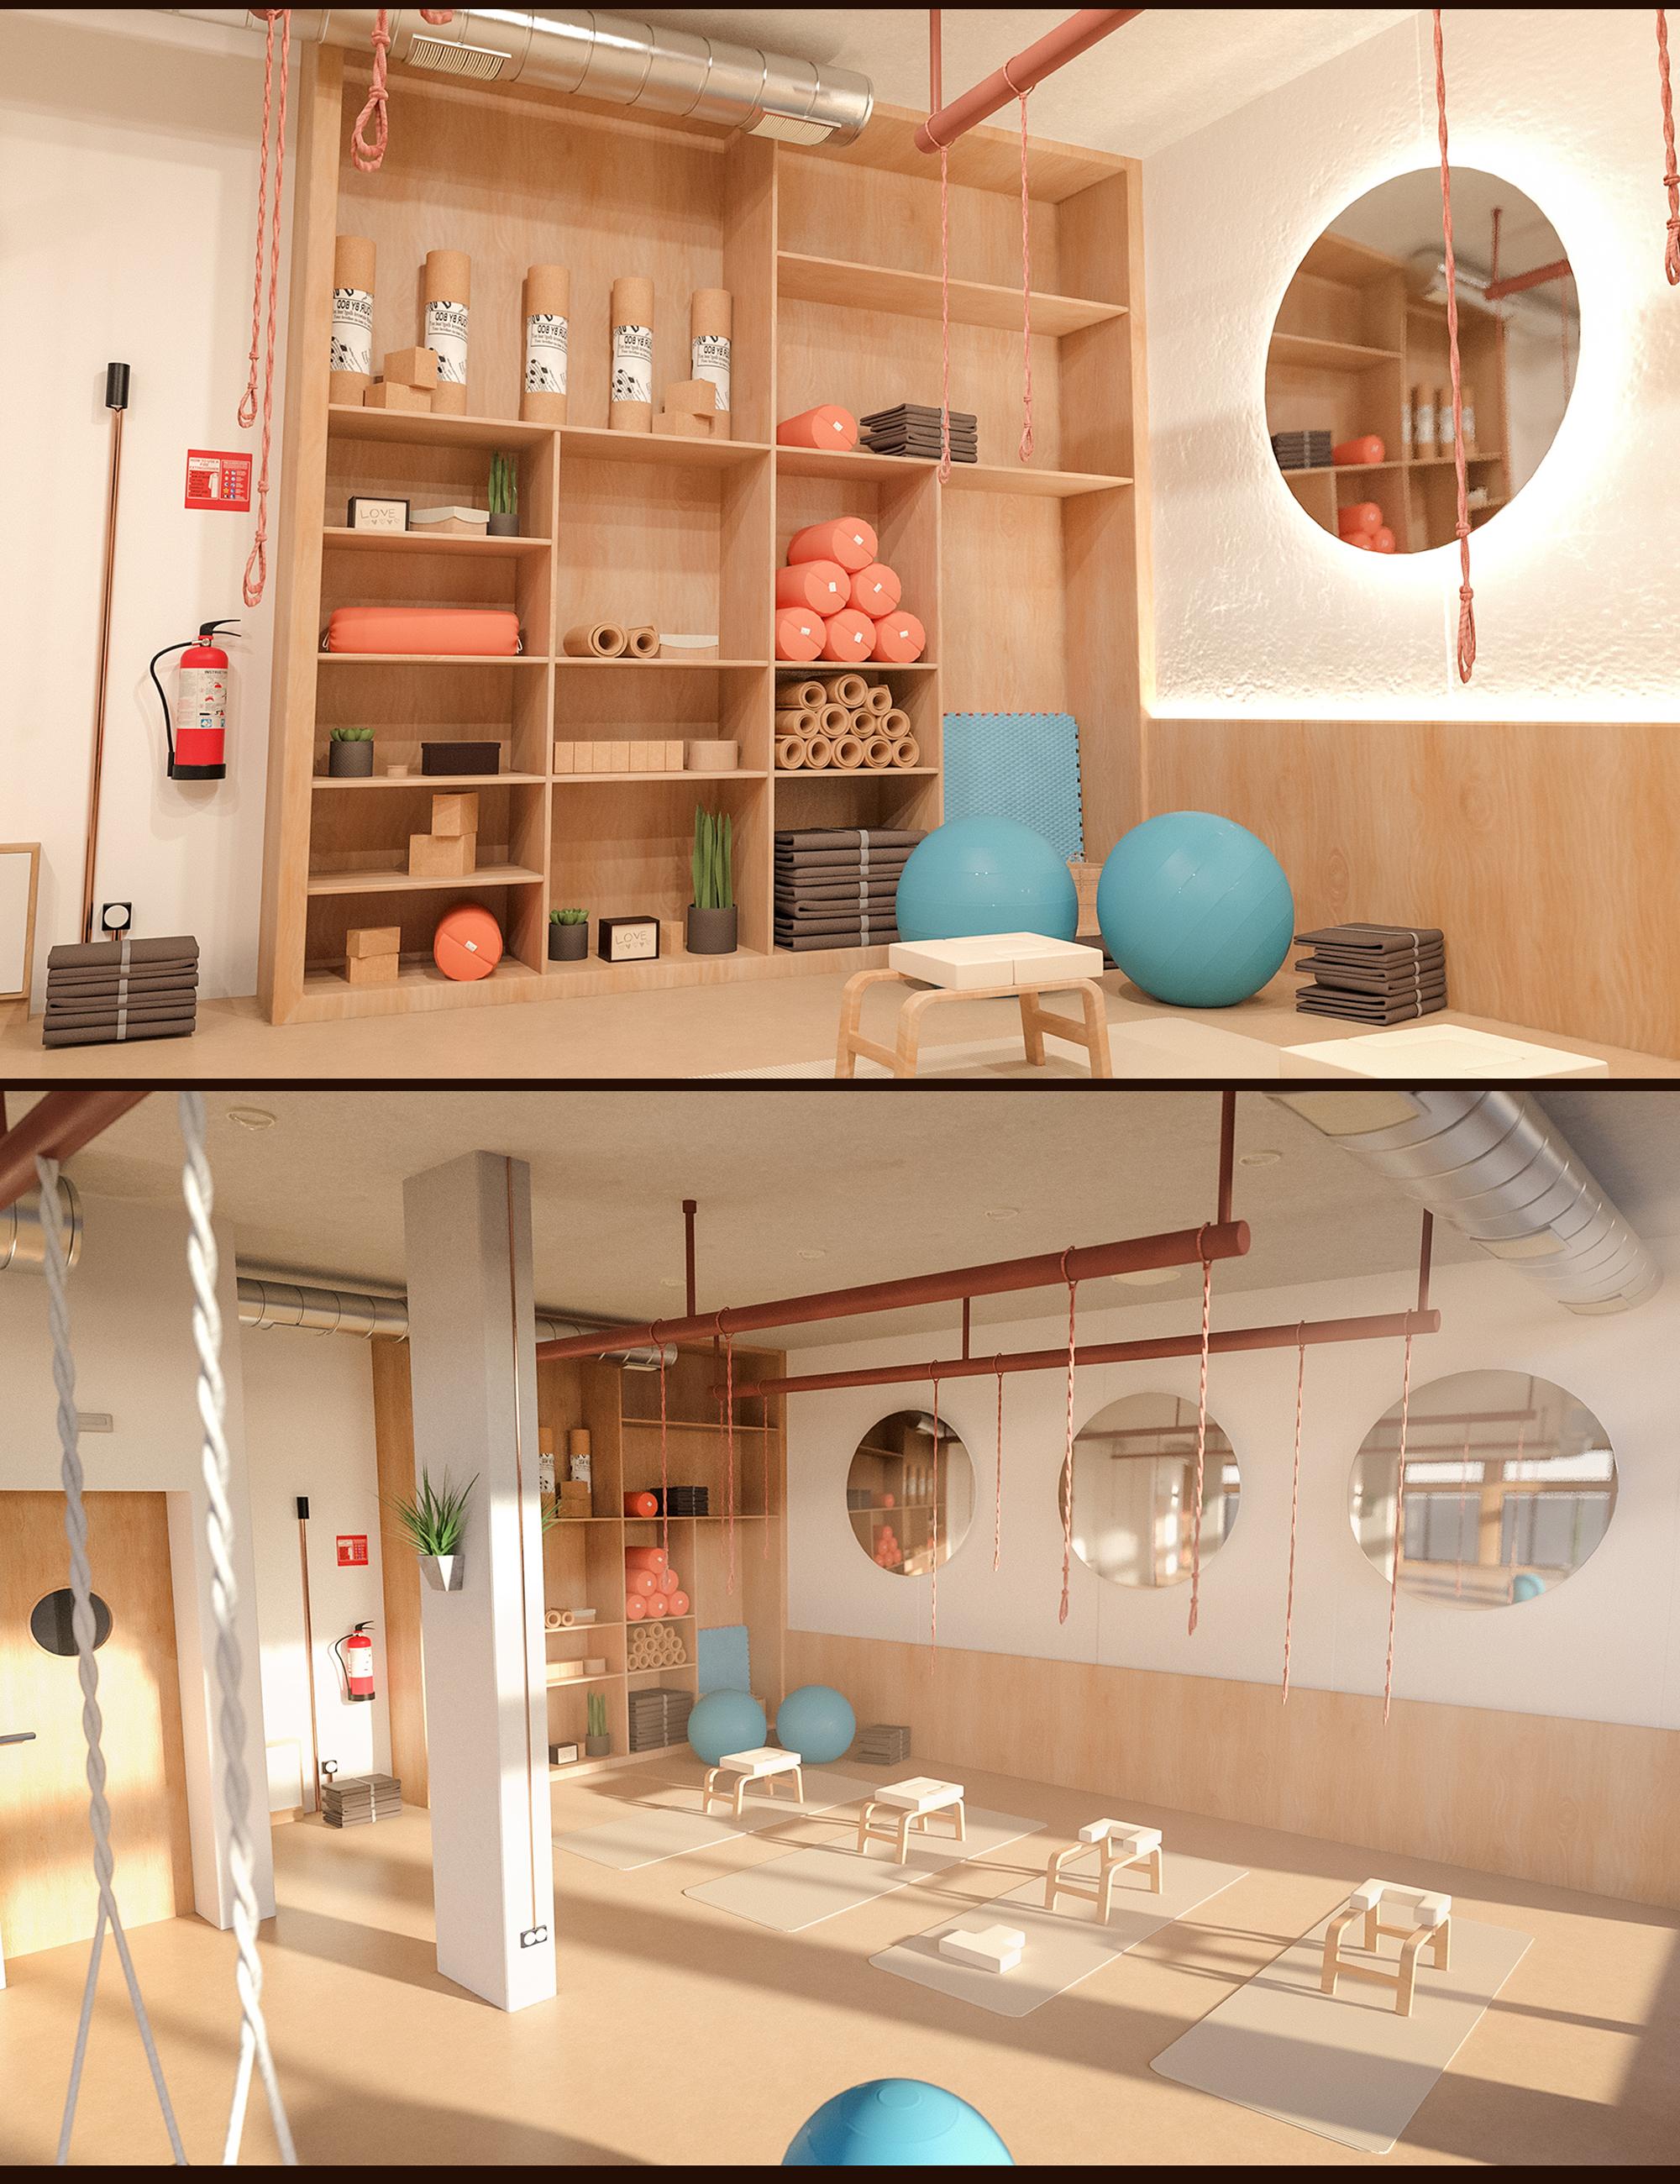 Yoga Club Classroom by: Polish, 3D Models by Daz 3D